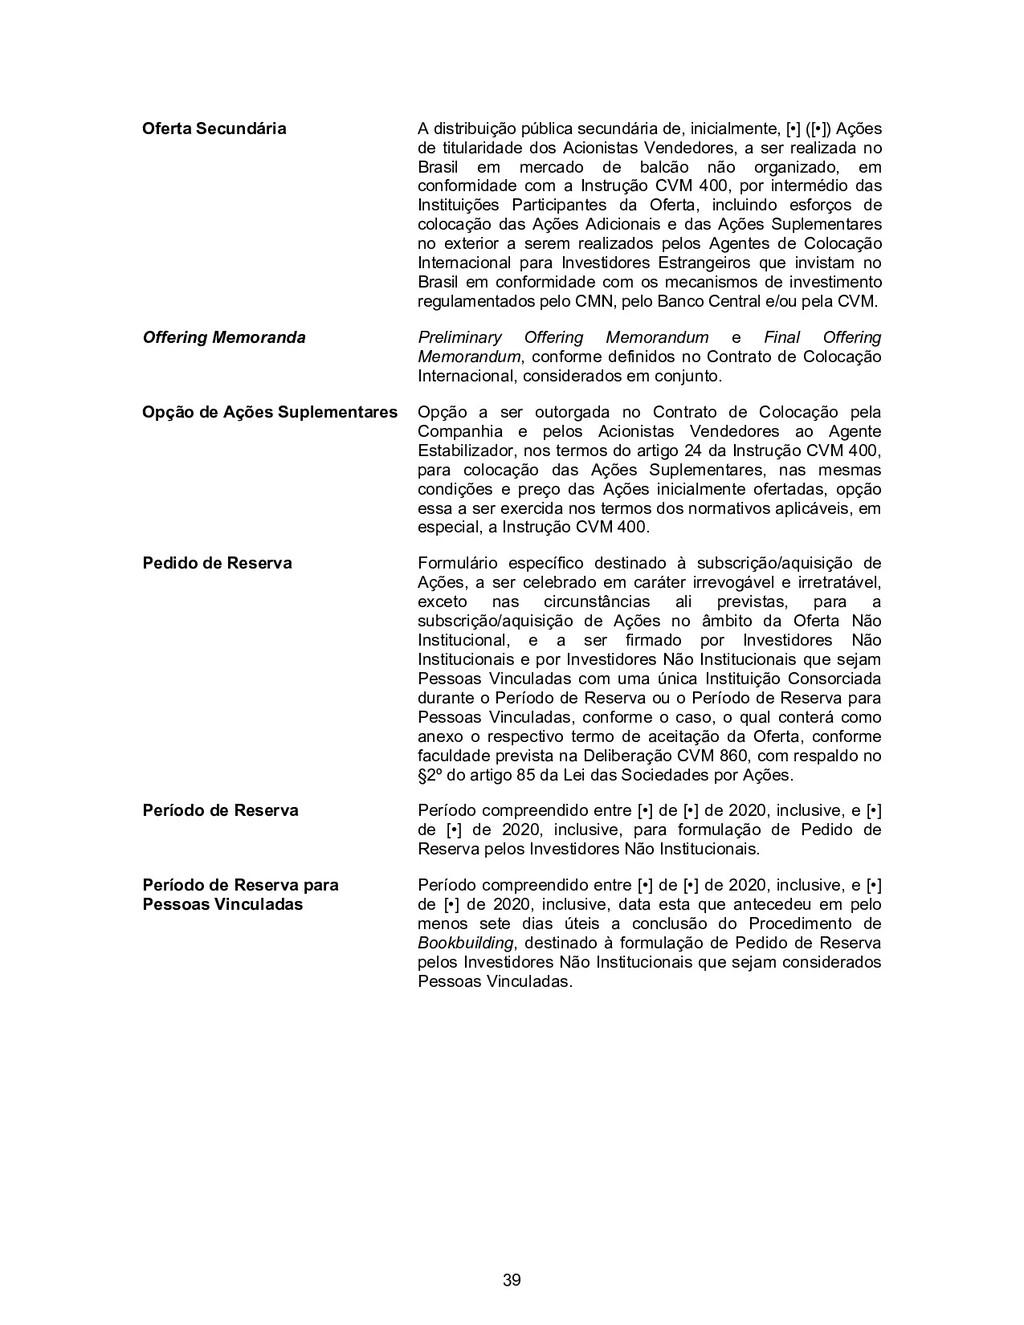 39 Oferta Secundária A distribuição pública sec...